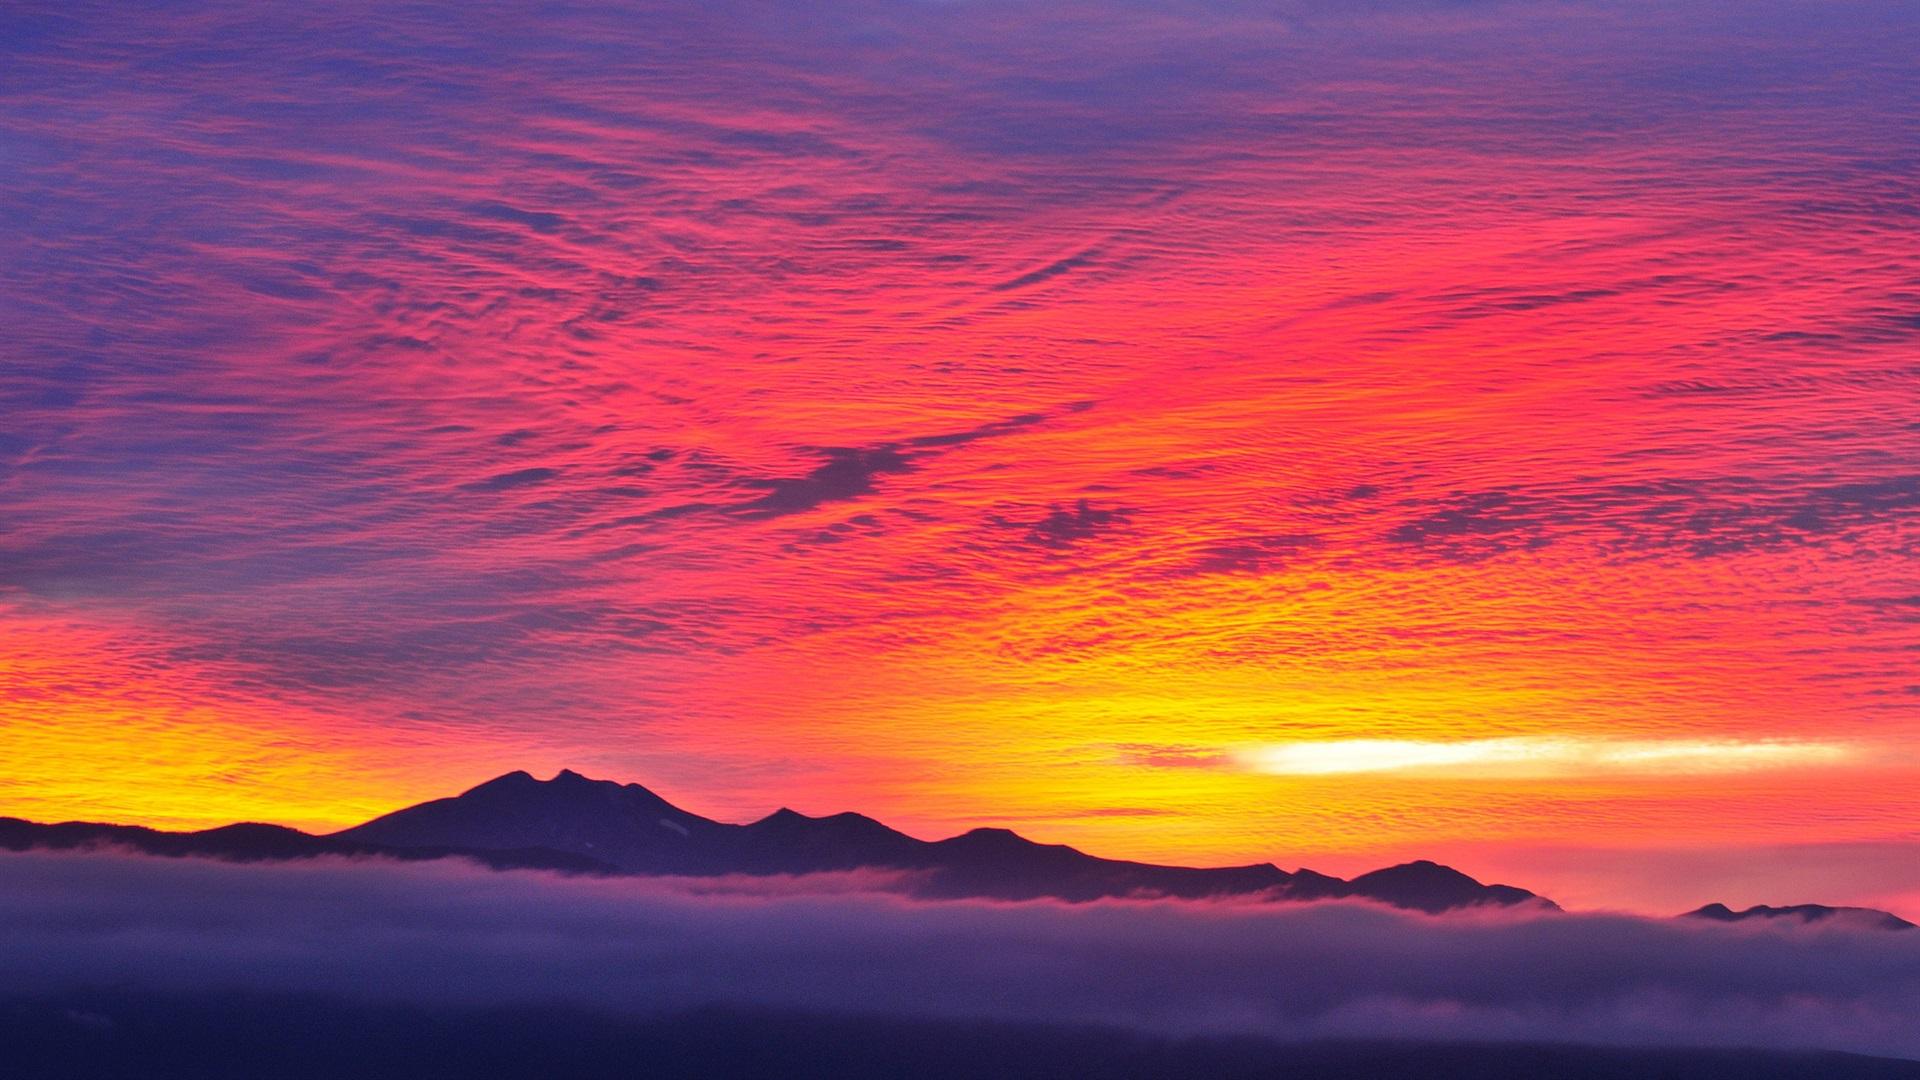 Fonds D Ecran Rouge Ciel Coucher Soleil Montagnes